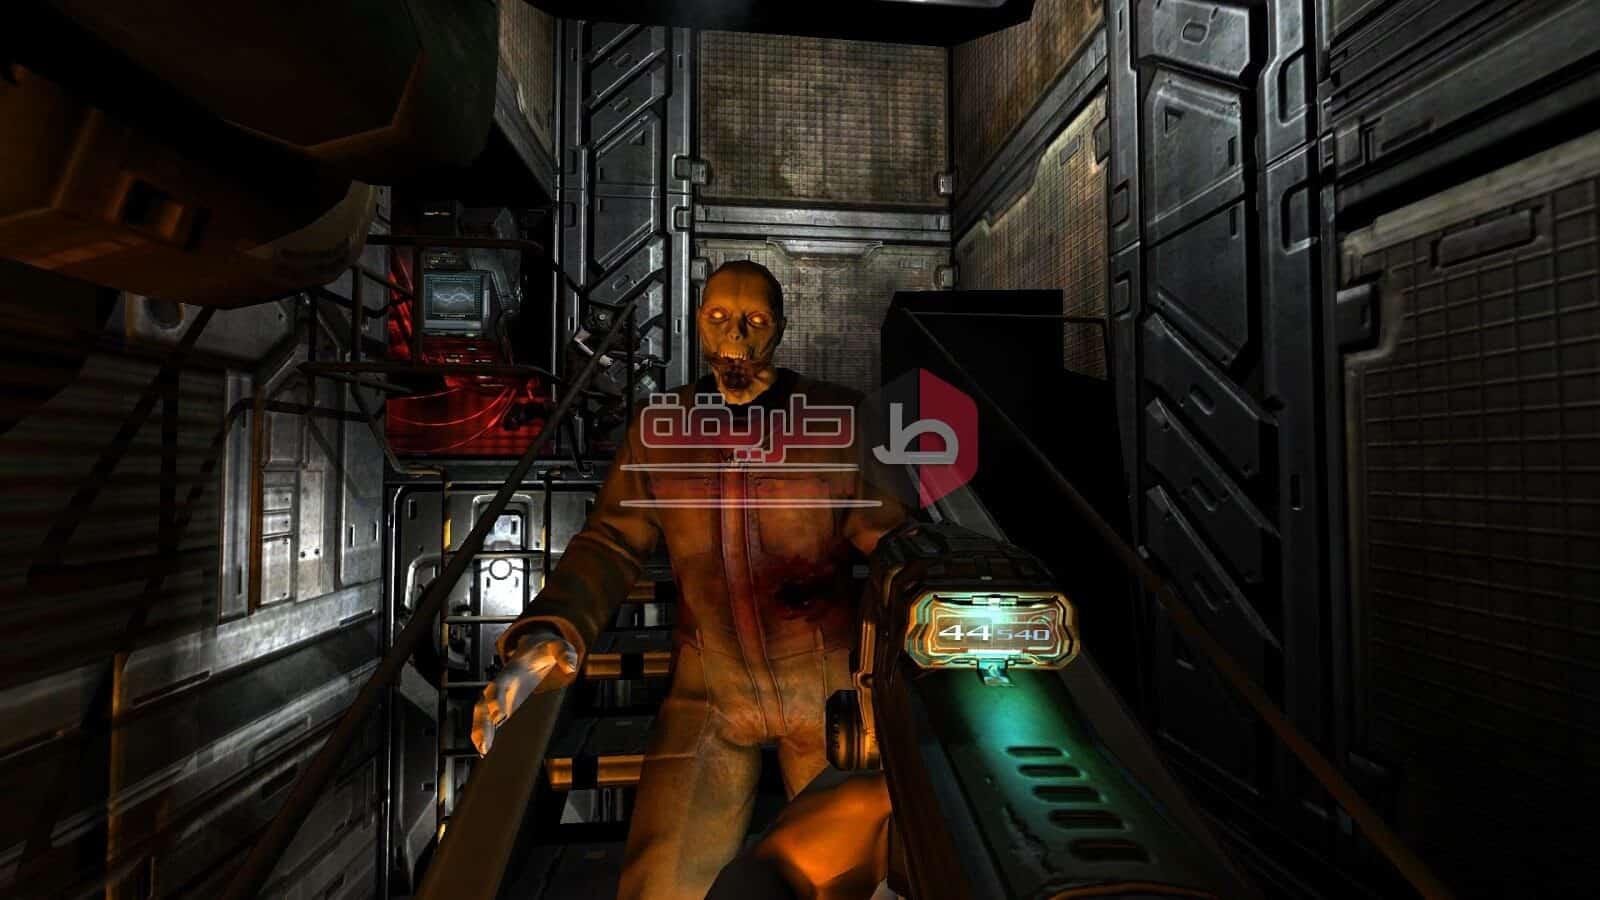 لعبة doom 3 للكمبيوتر